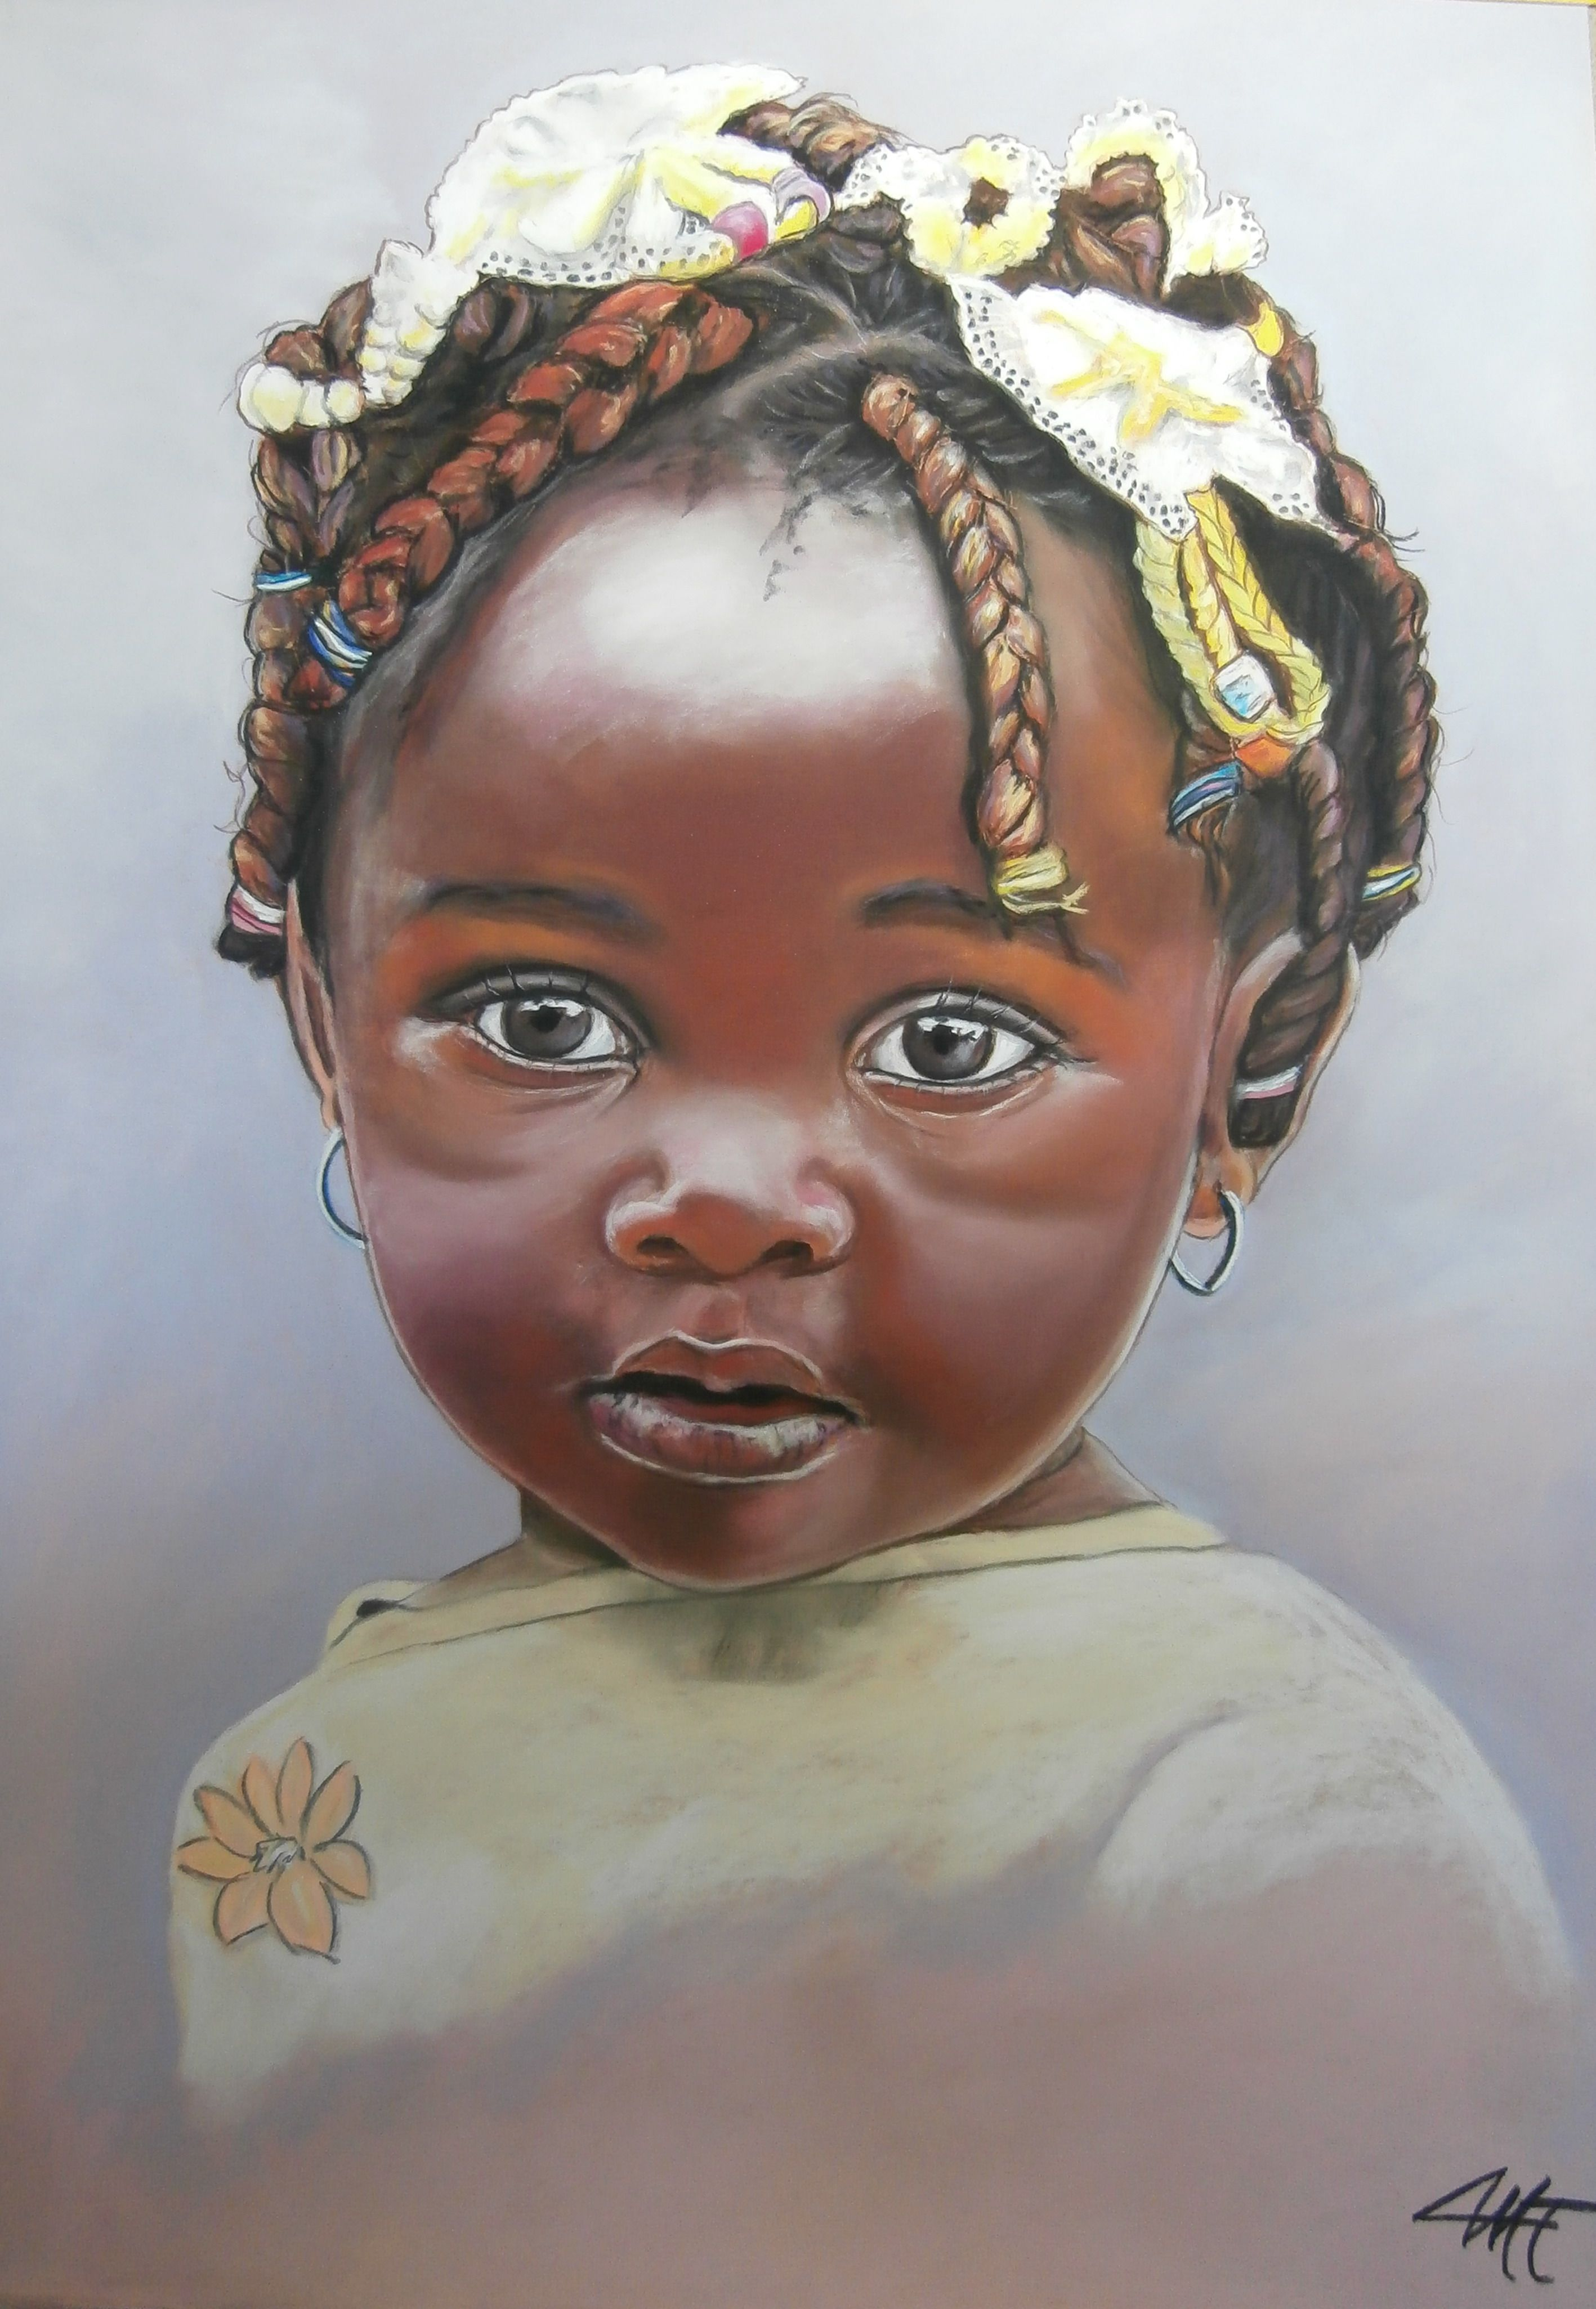 ABEBI, poupette africaine Pastel sec sur papier abrasif 50 x 60 cm http://www.artmajeur.com ...